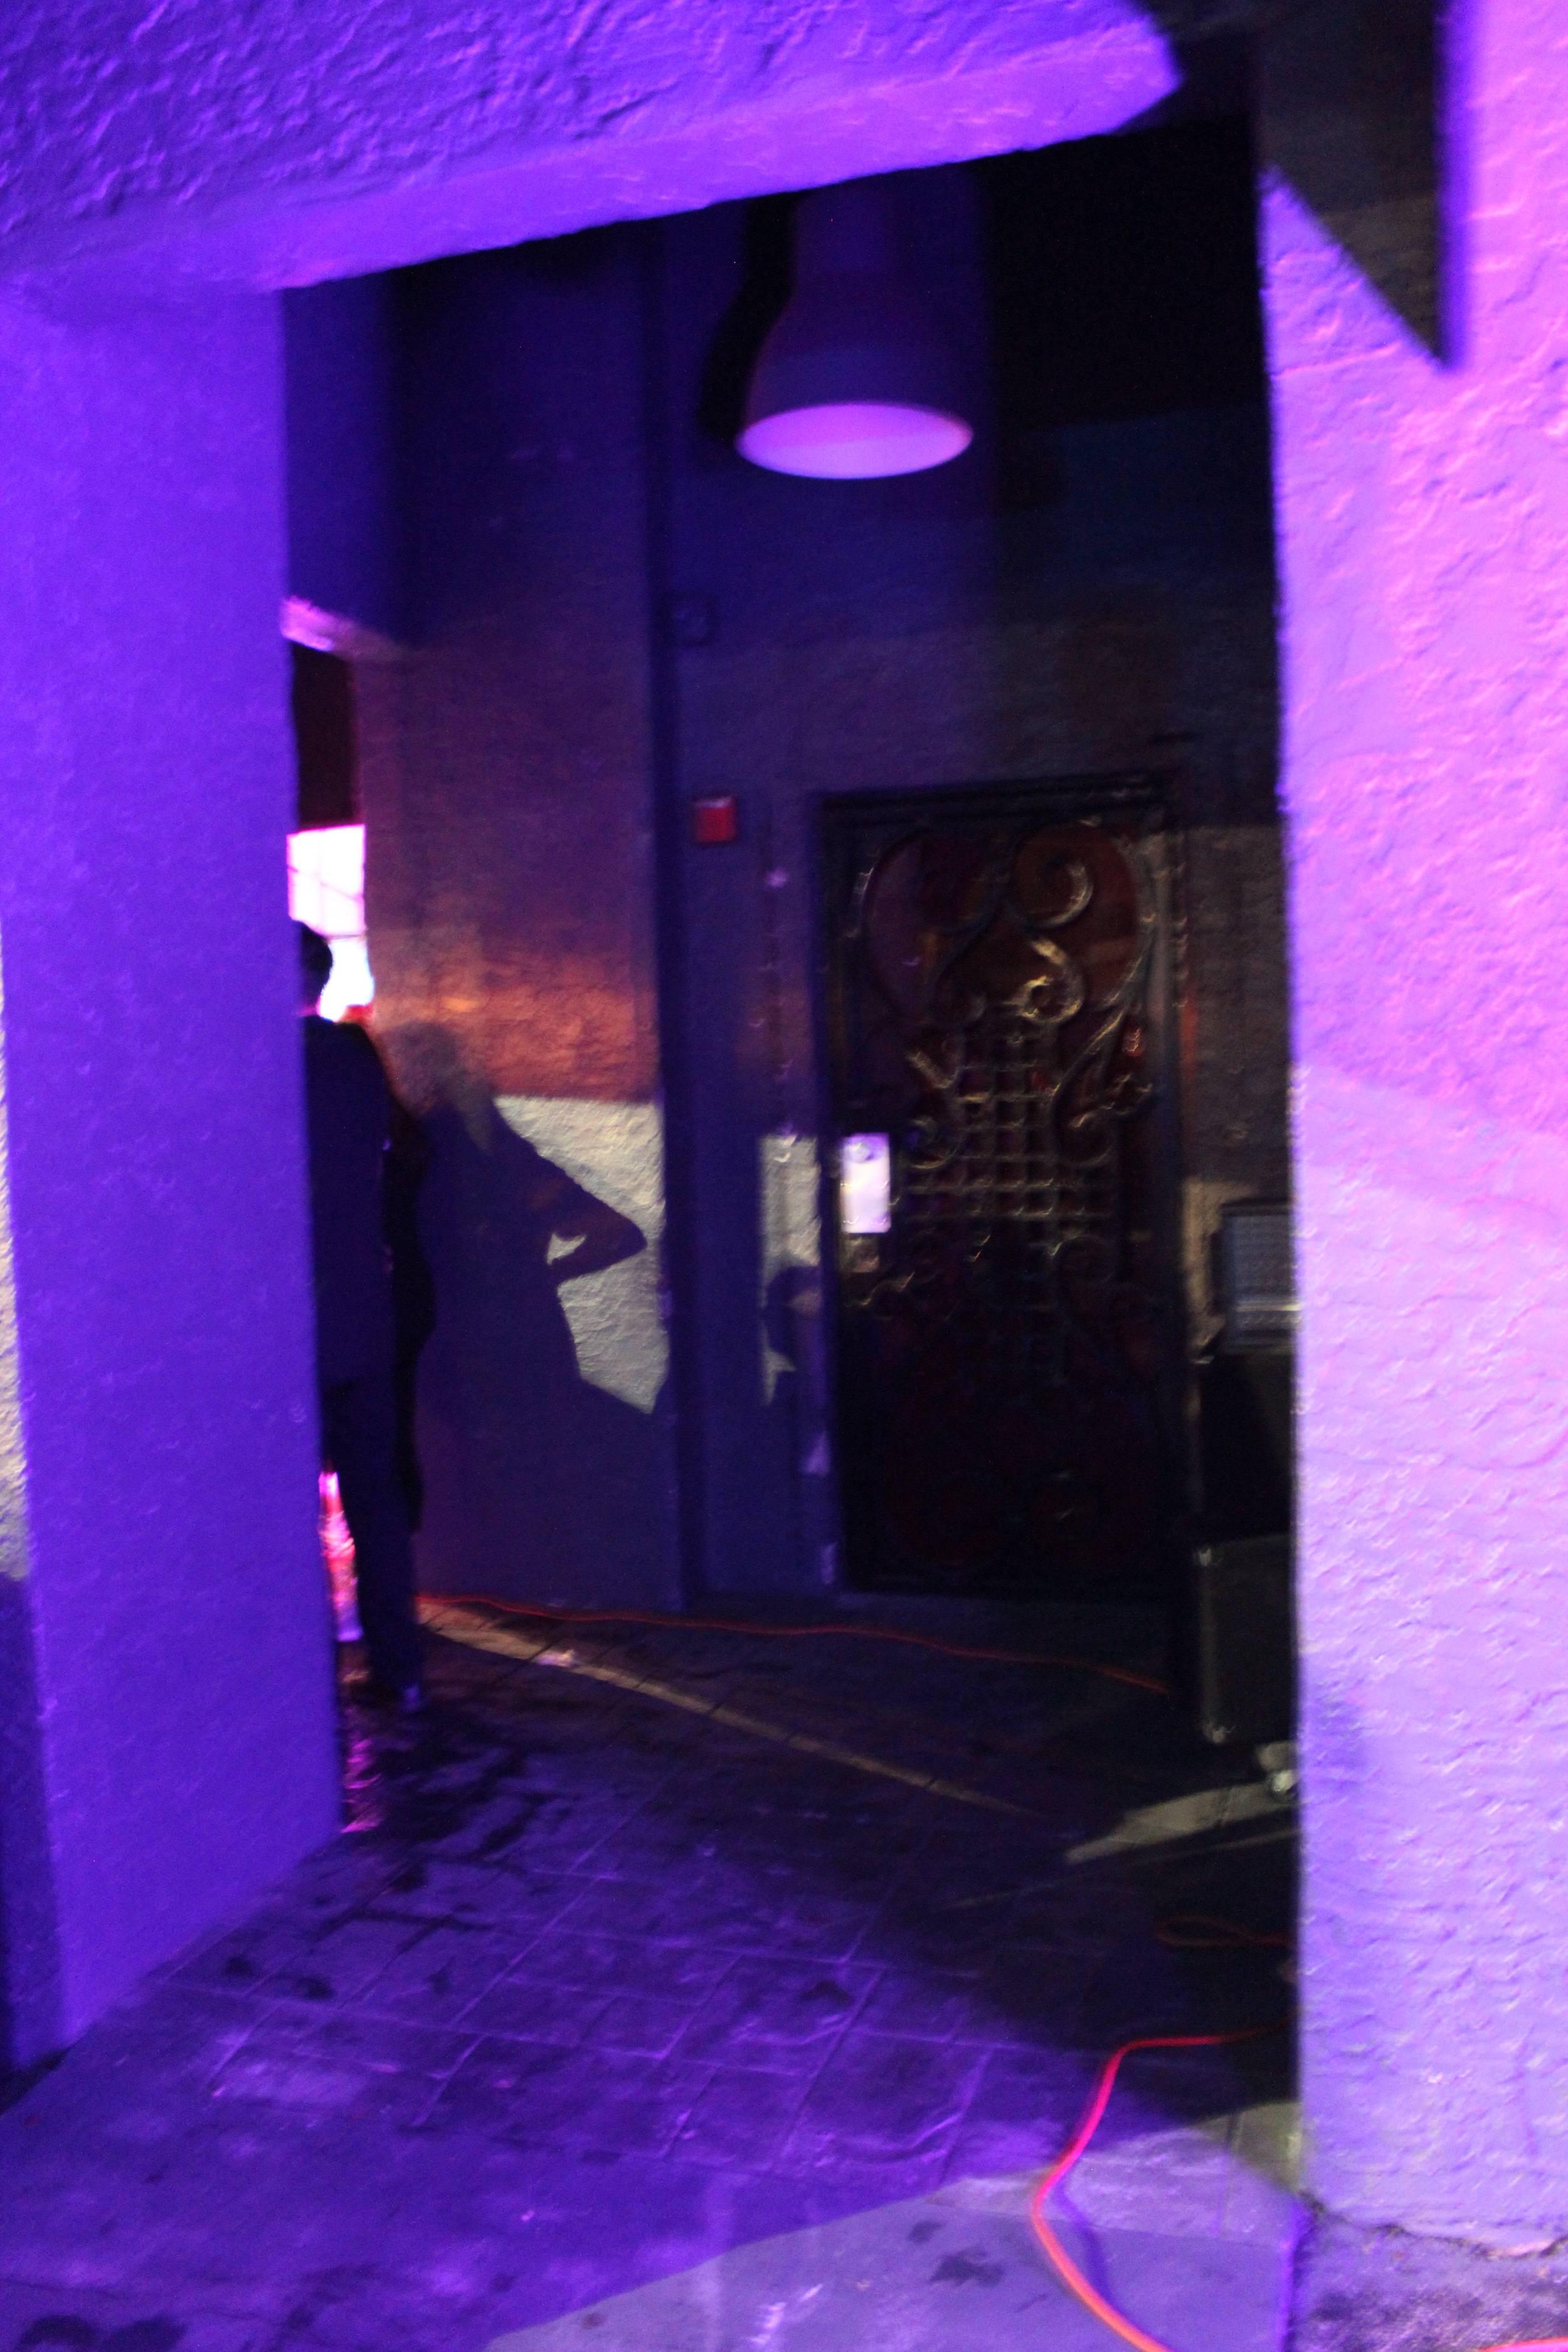 Las puertas de la discoteca Pulse en Orlando, Florida. / Foto: David Cordero Mercado